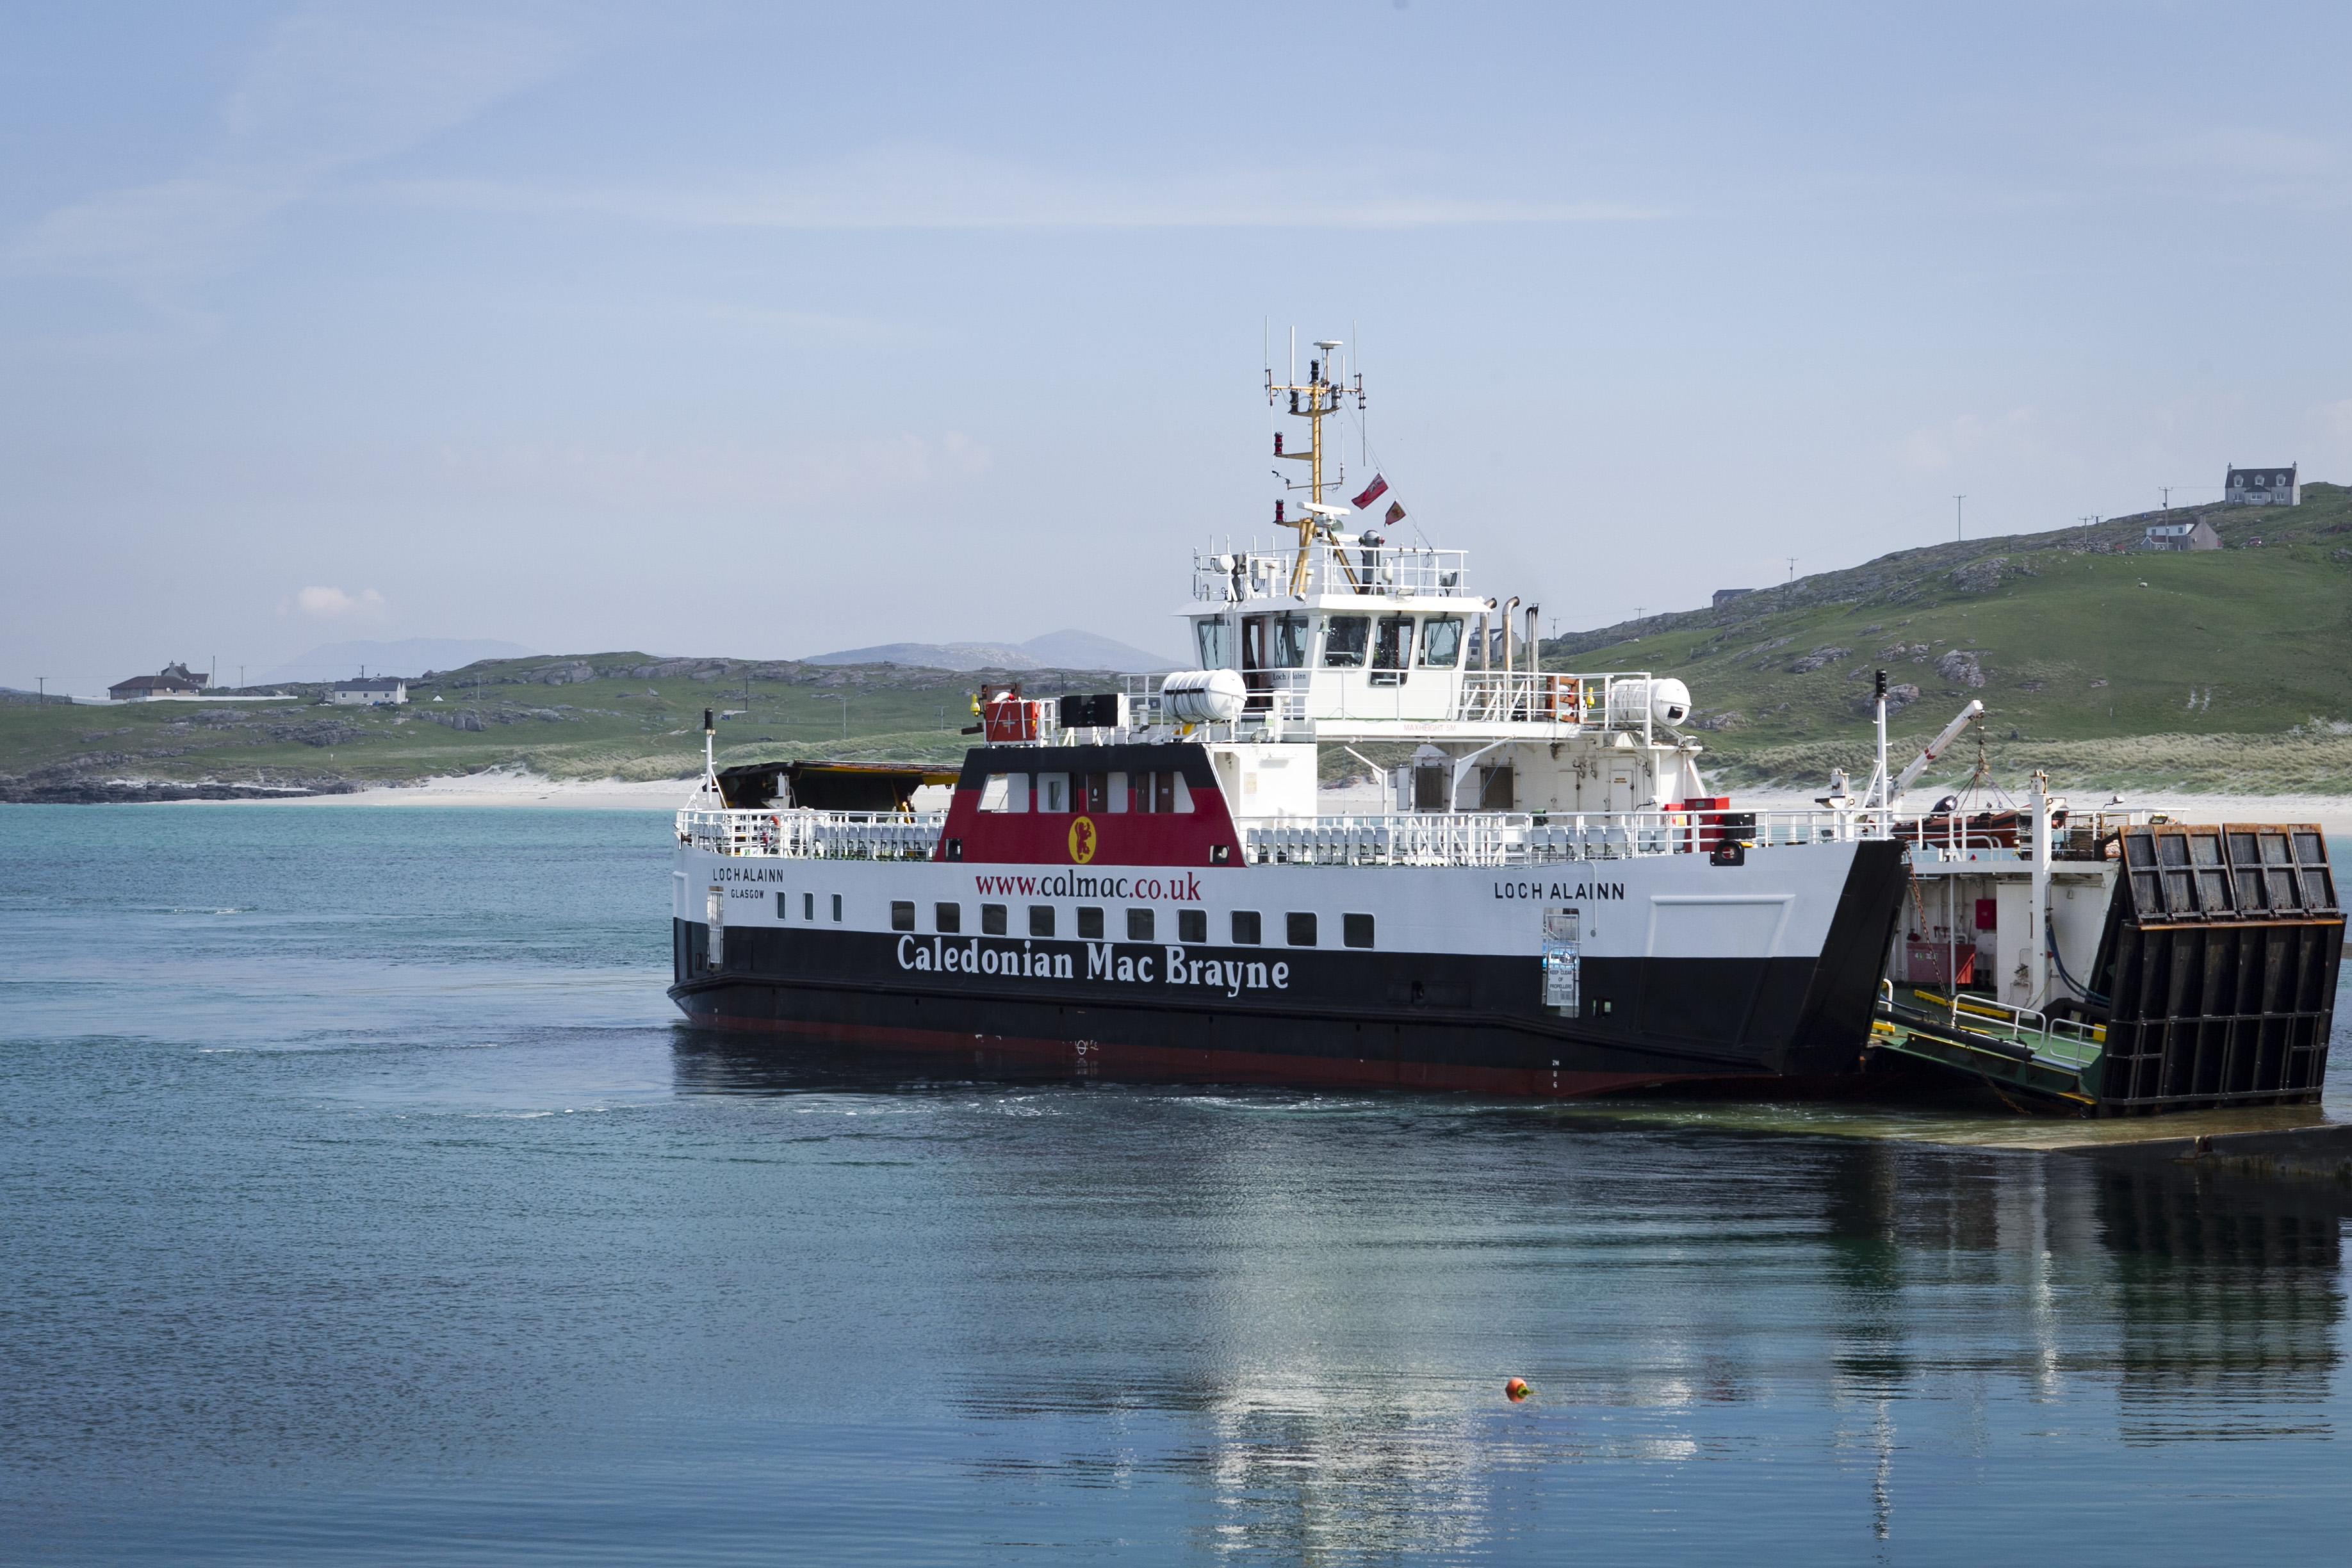 A CalMac ferry serving the Outer Hebrides.